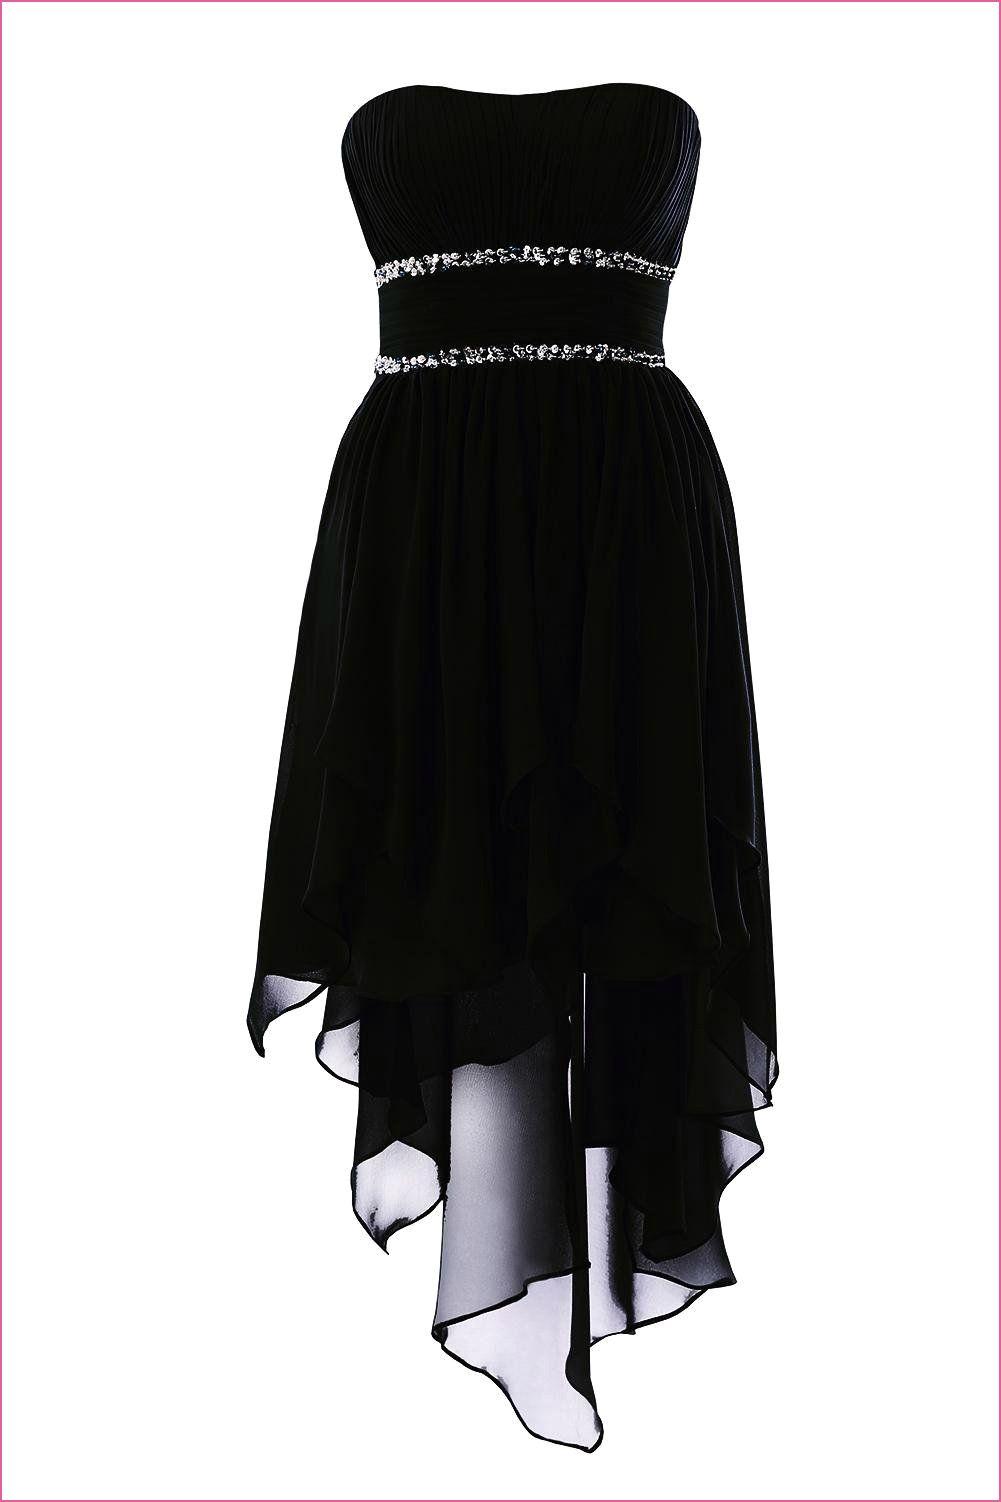 fein schwarzes kleid bonprix in 2020 | schöne kleider